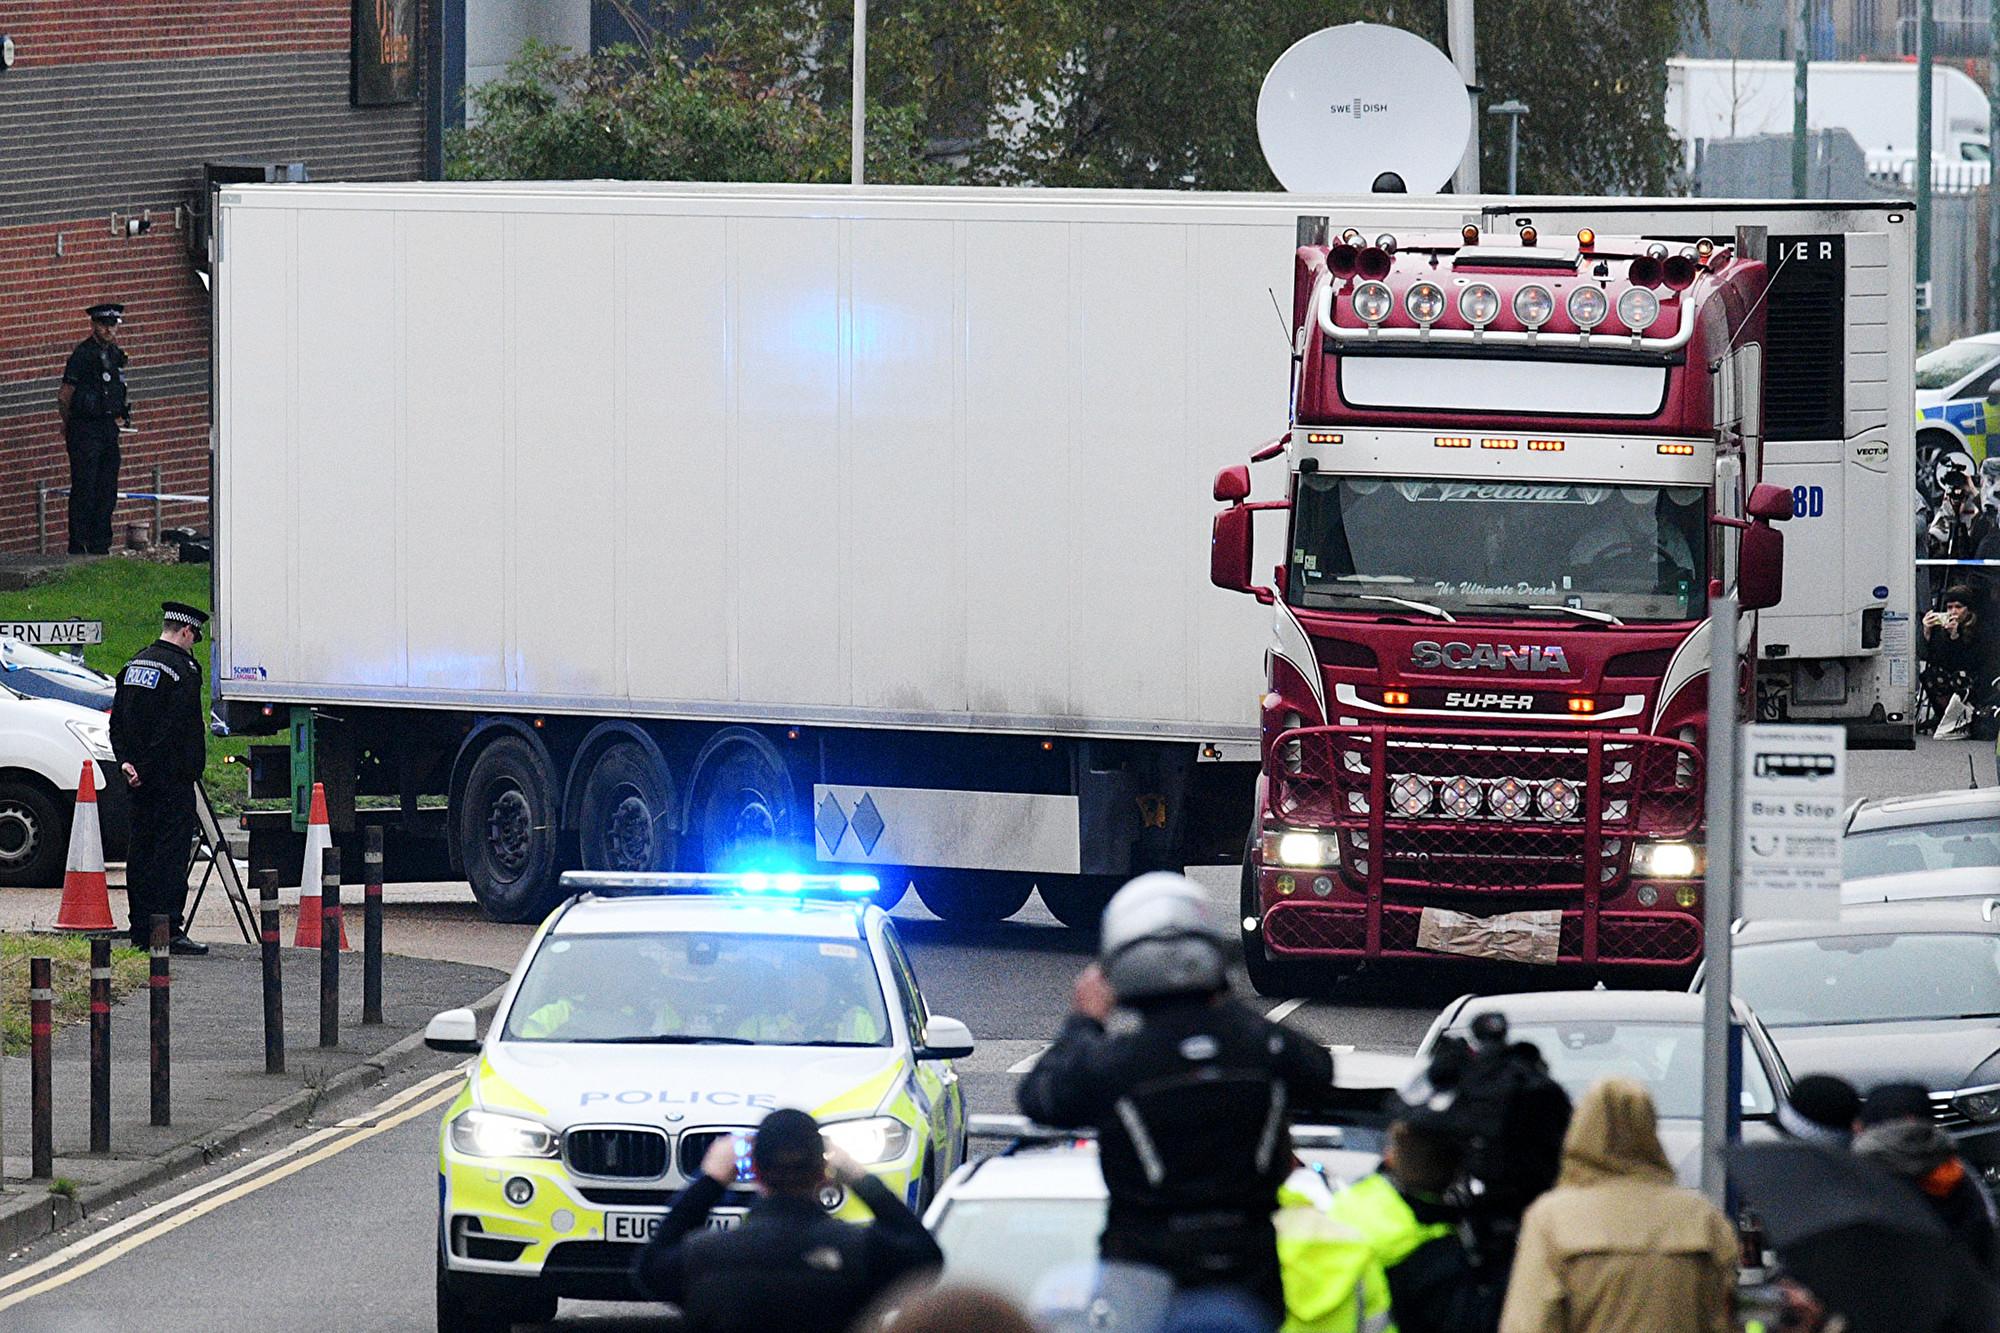 英39屍案司機出庭 法官:有很多同謀犯